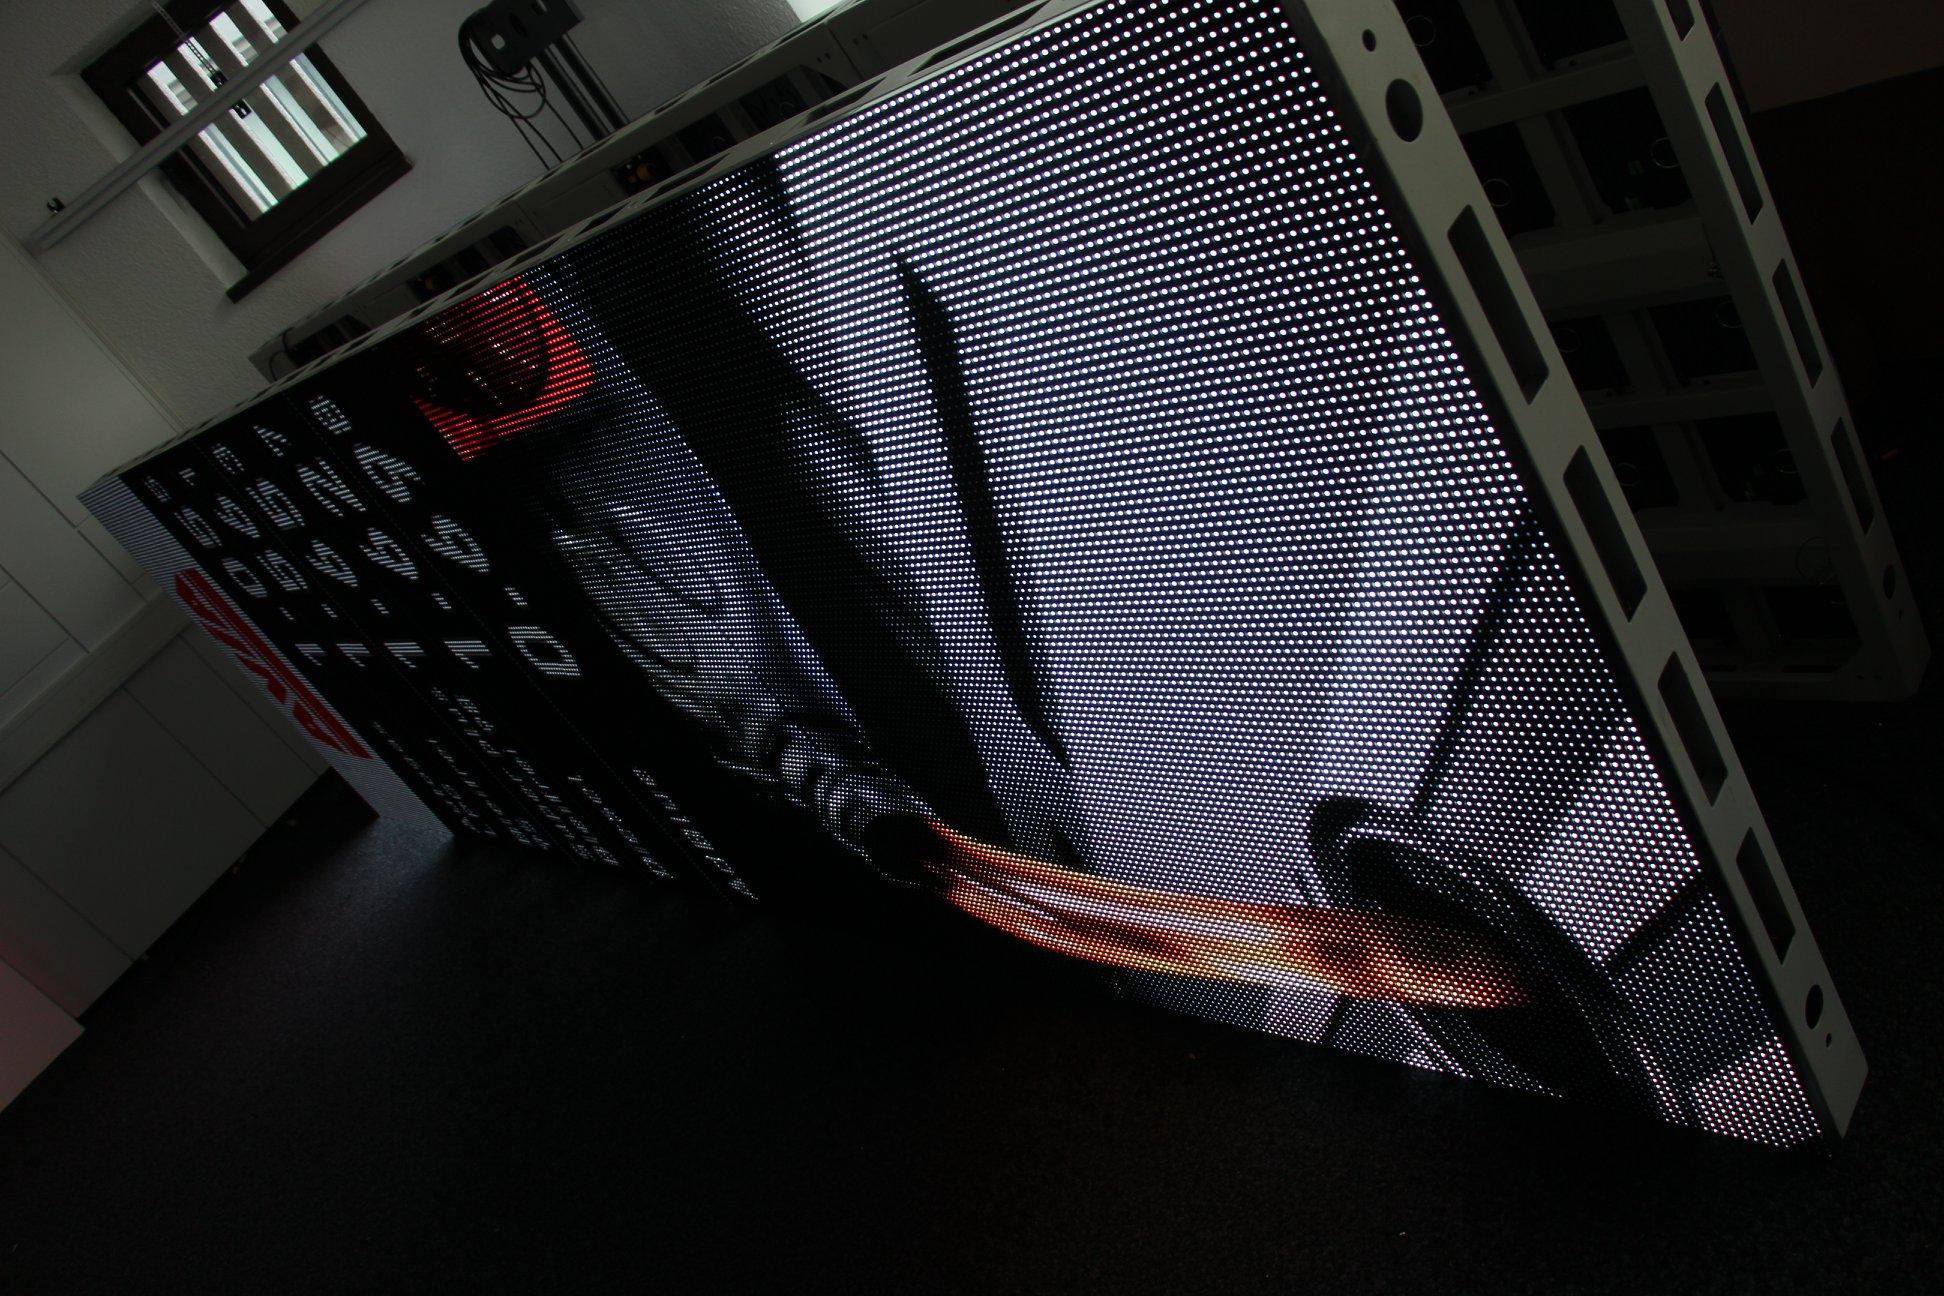 Installationsvorbereitung und letzte Tests einer LED-Säule...